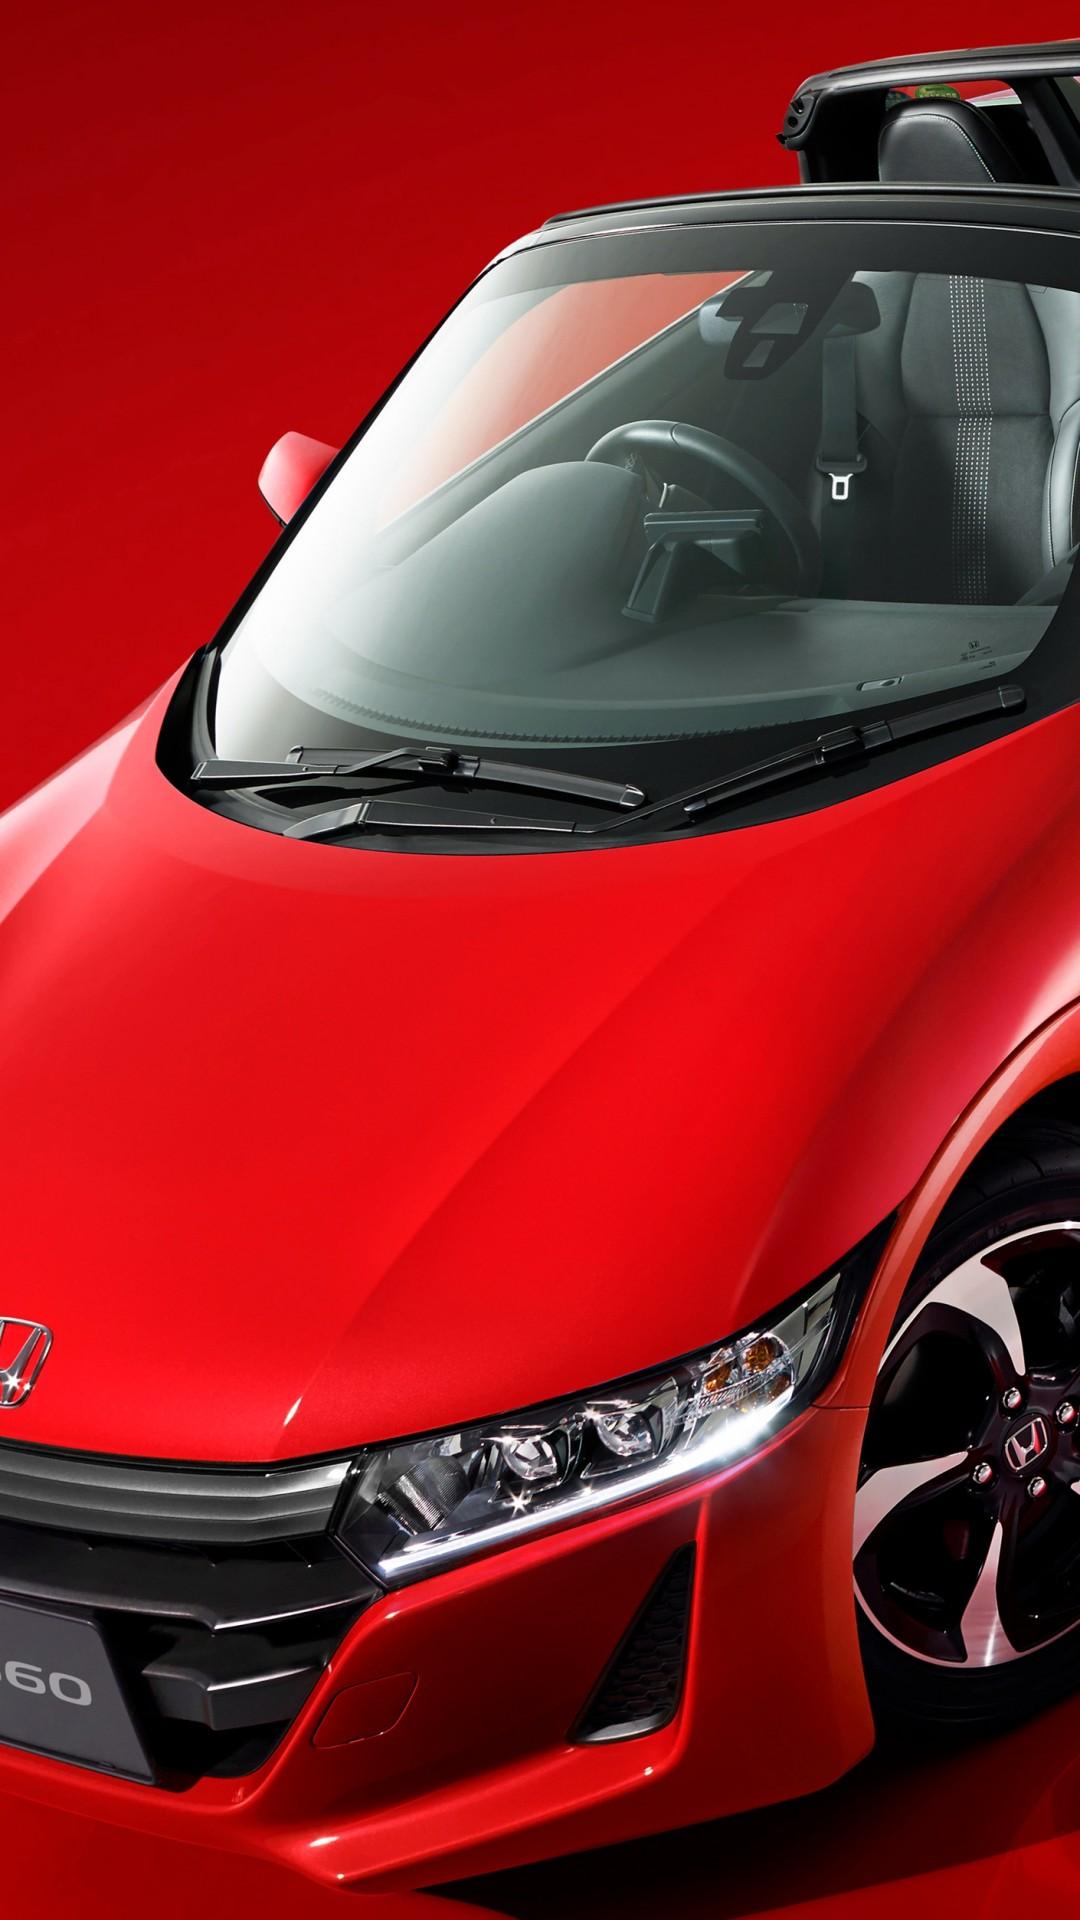 Wallpaper Honda S660, Concept, red, future car, Tokyo ...